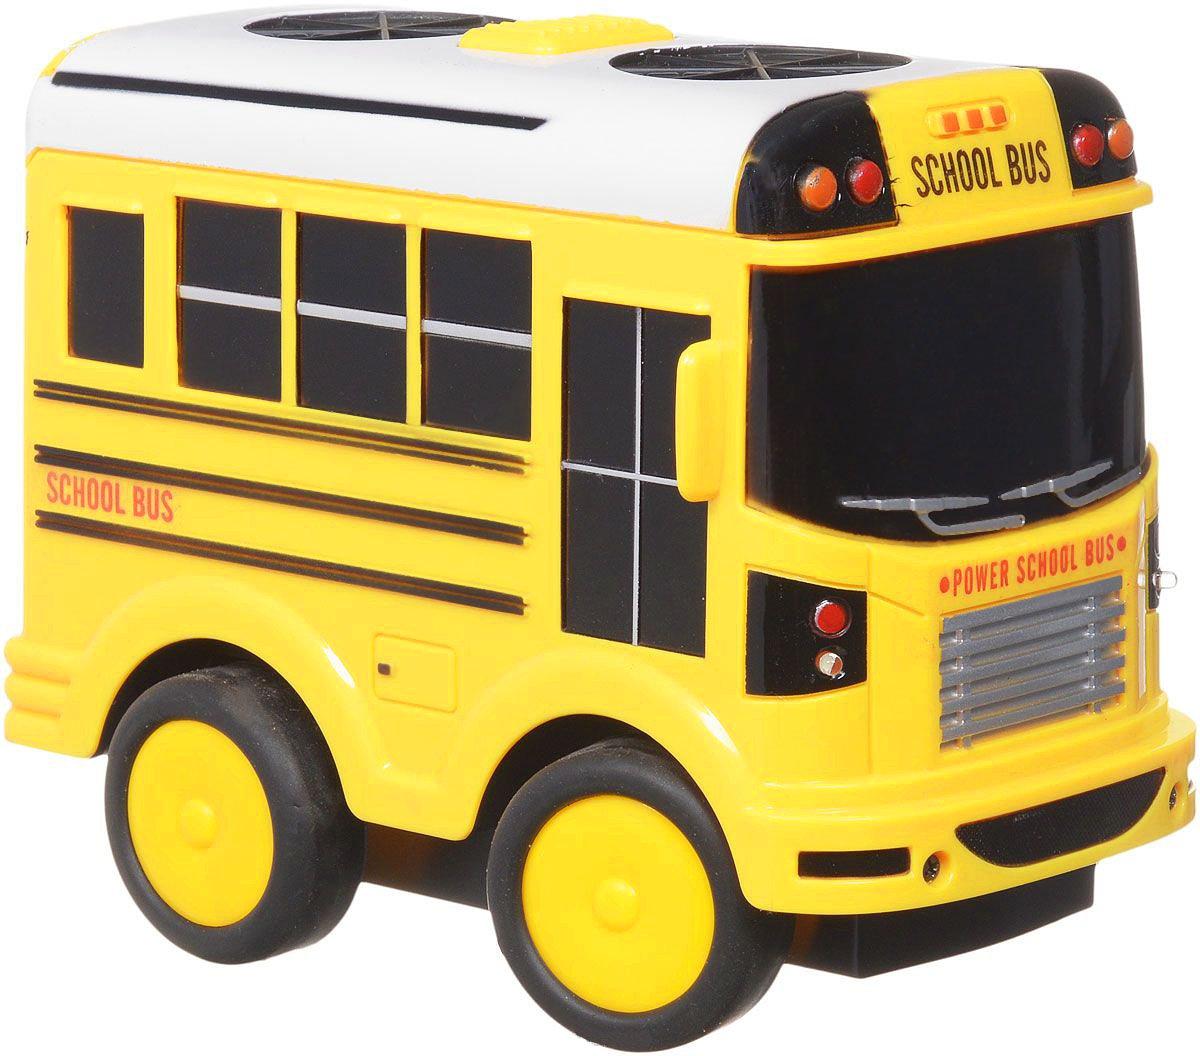 Zhorya Х75520 - радиоуправляемый автобус (Yellow)